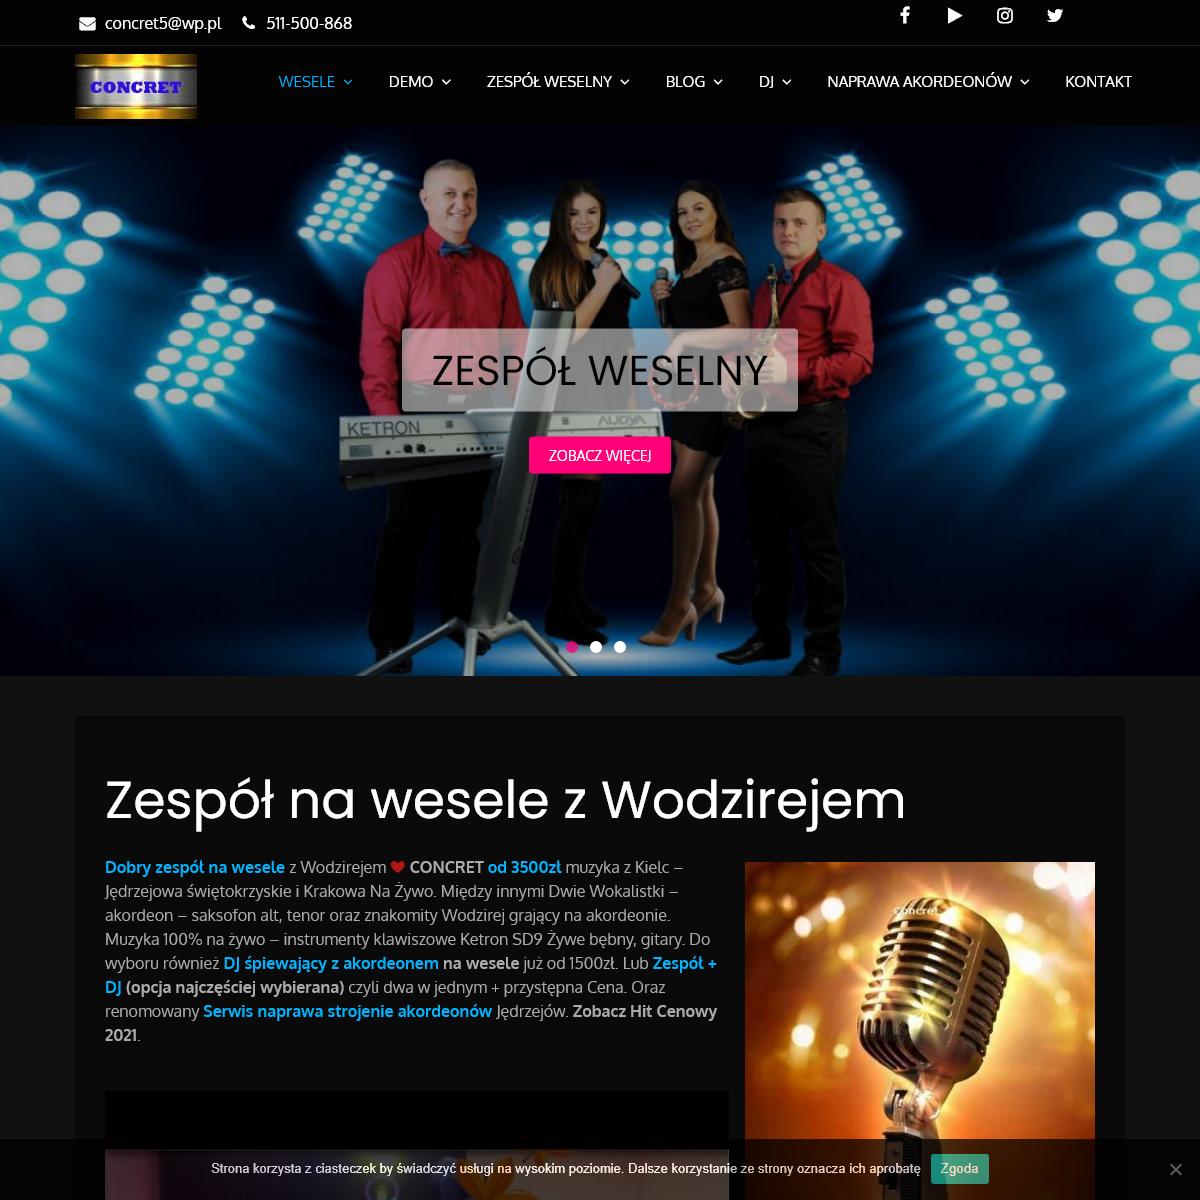 Zespół na Wesele z Wodzirejem ❤️ Concret - Kielce-Kraków -Katowice